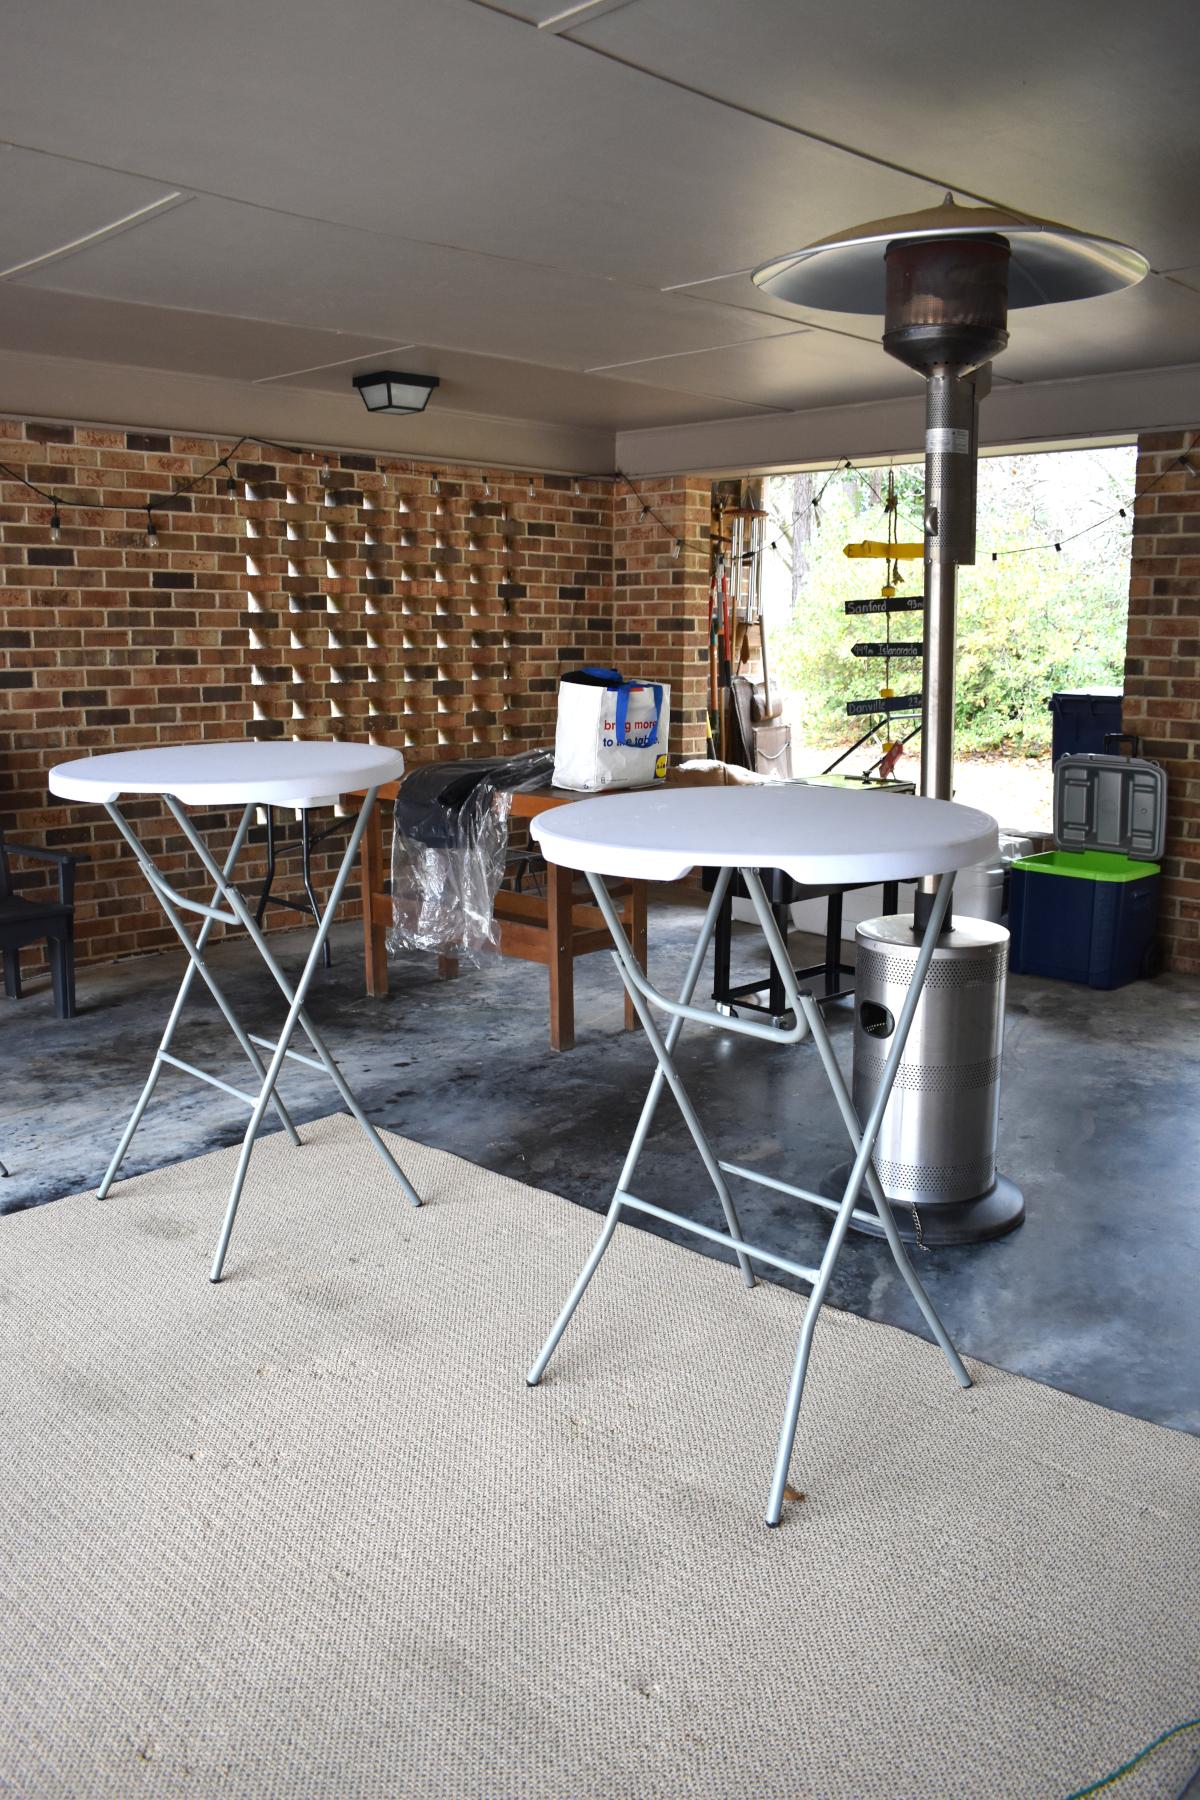 Outside_cocktail_setup.JPG